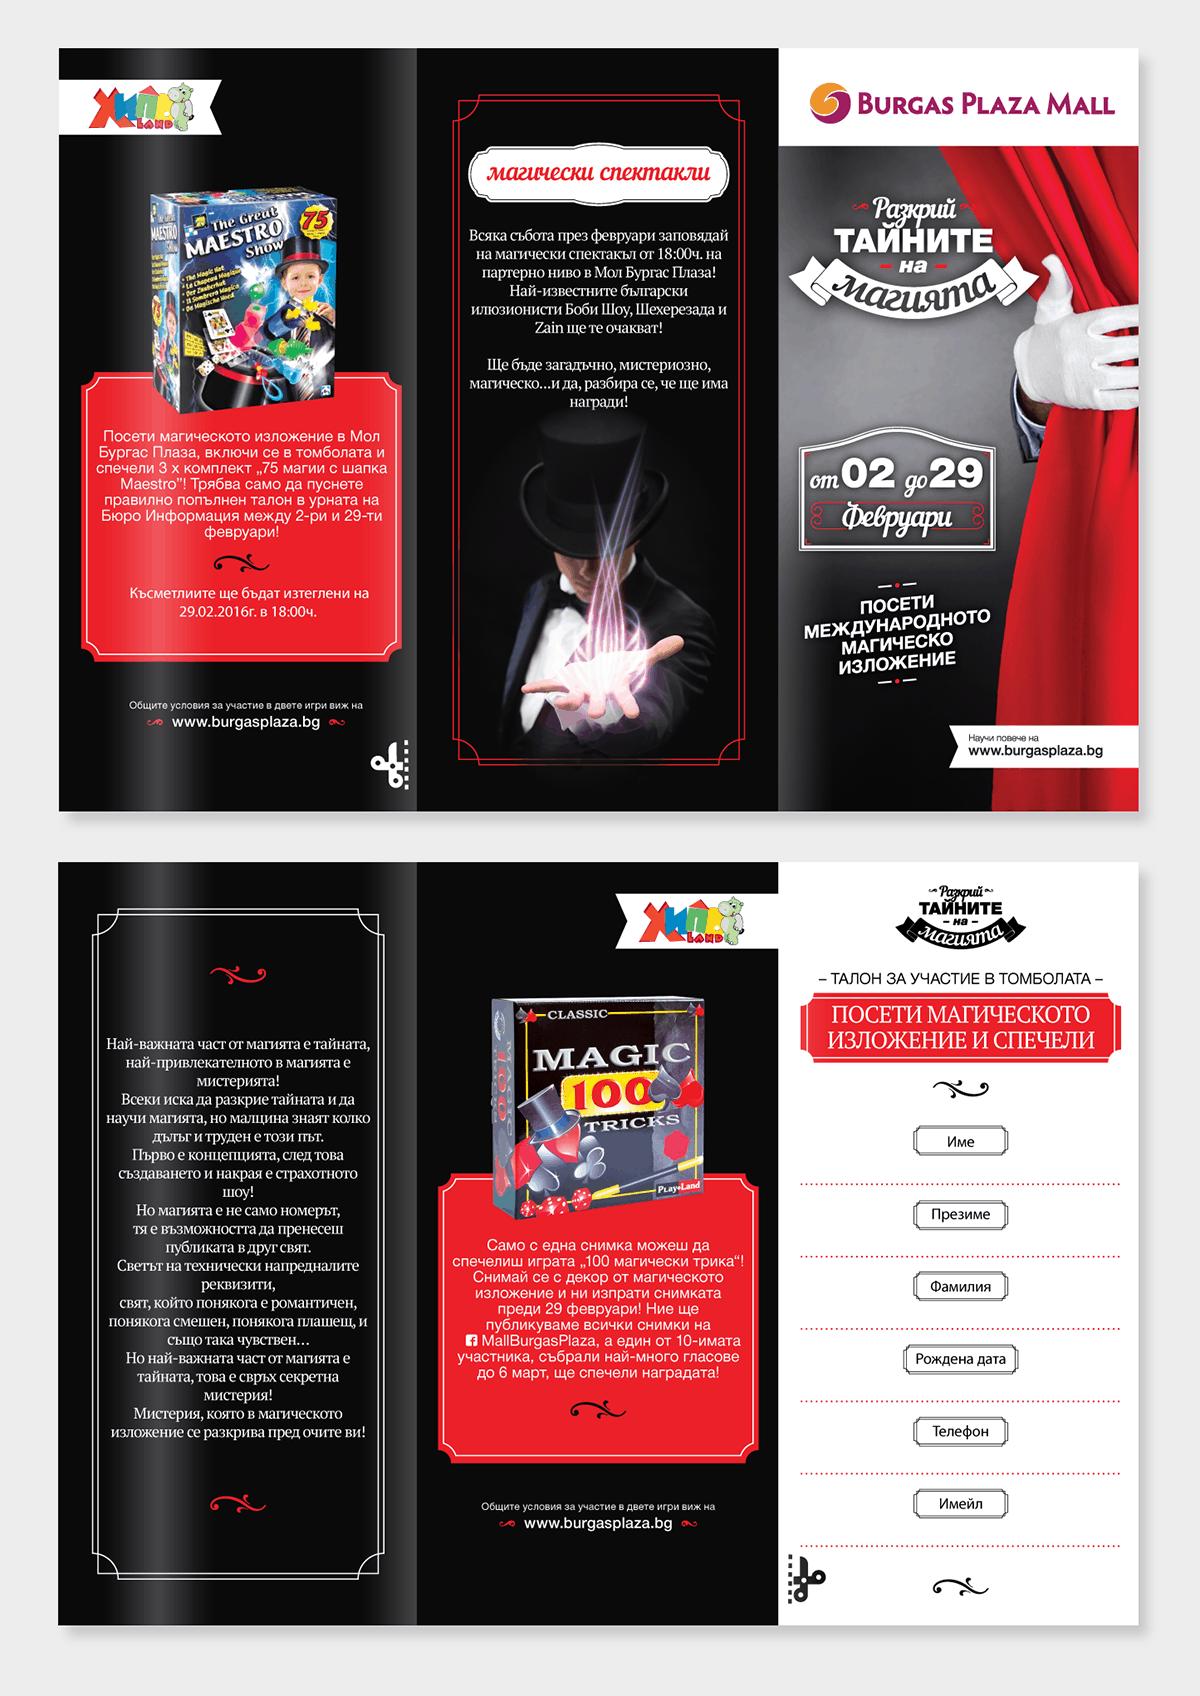 design_mall_plaza_reklama_muse-2-reklama